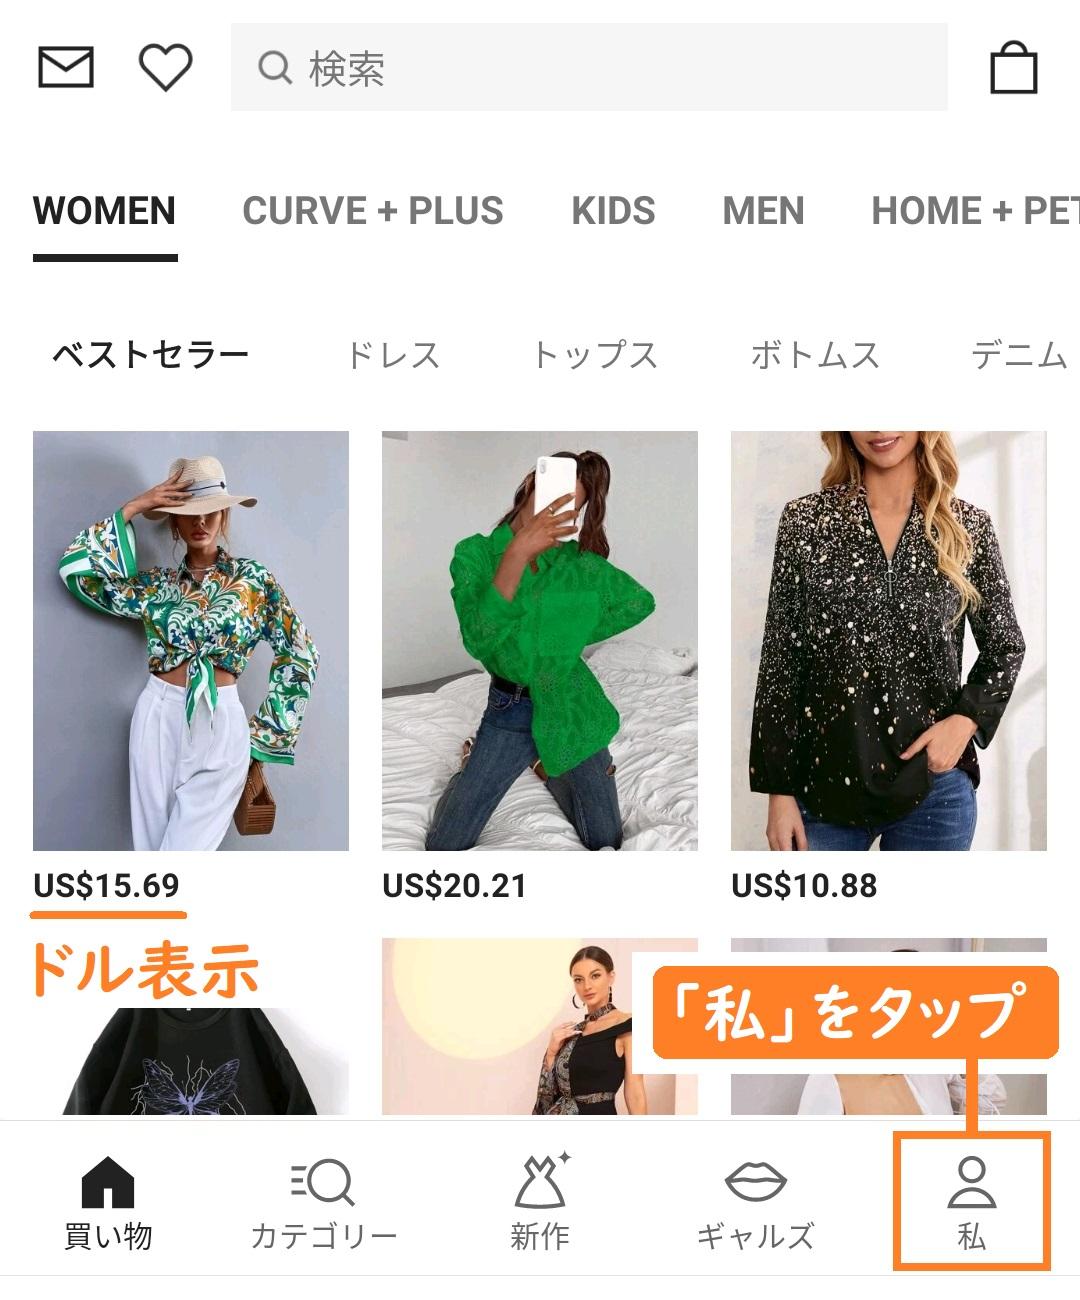 shein 日本円表示